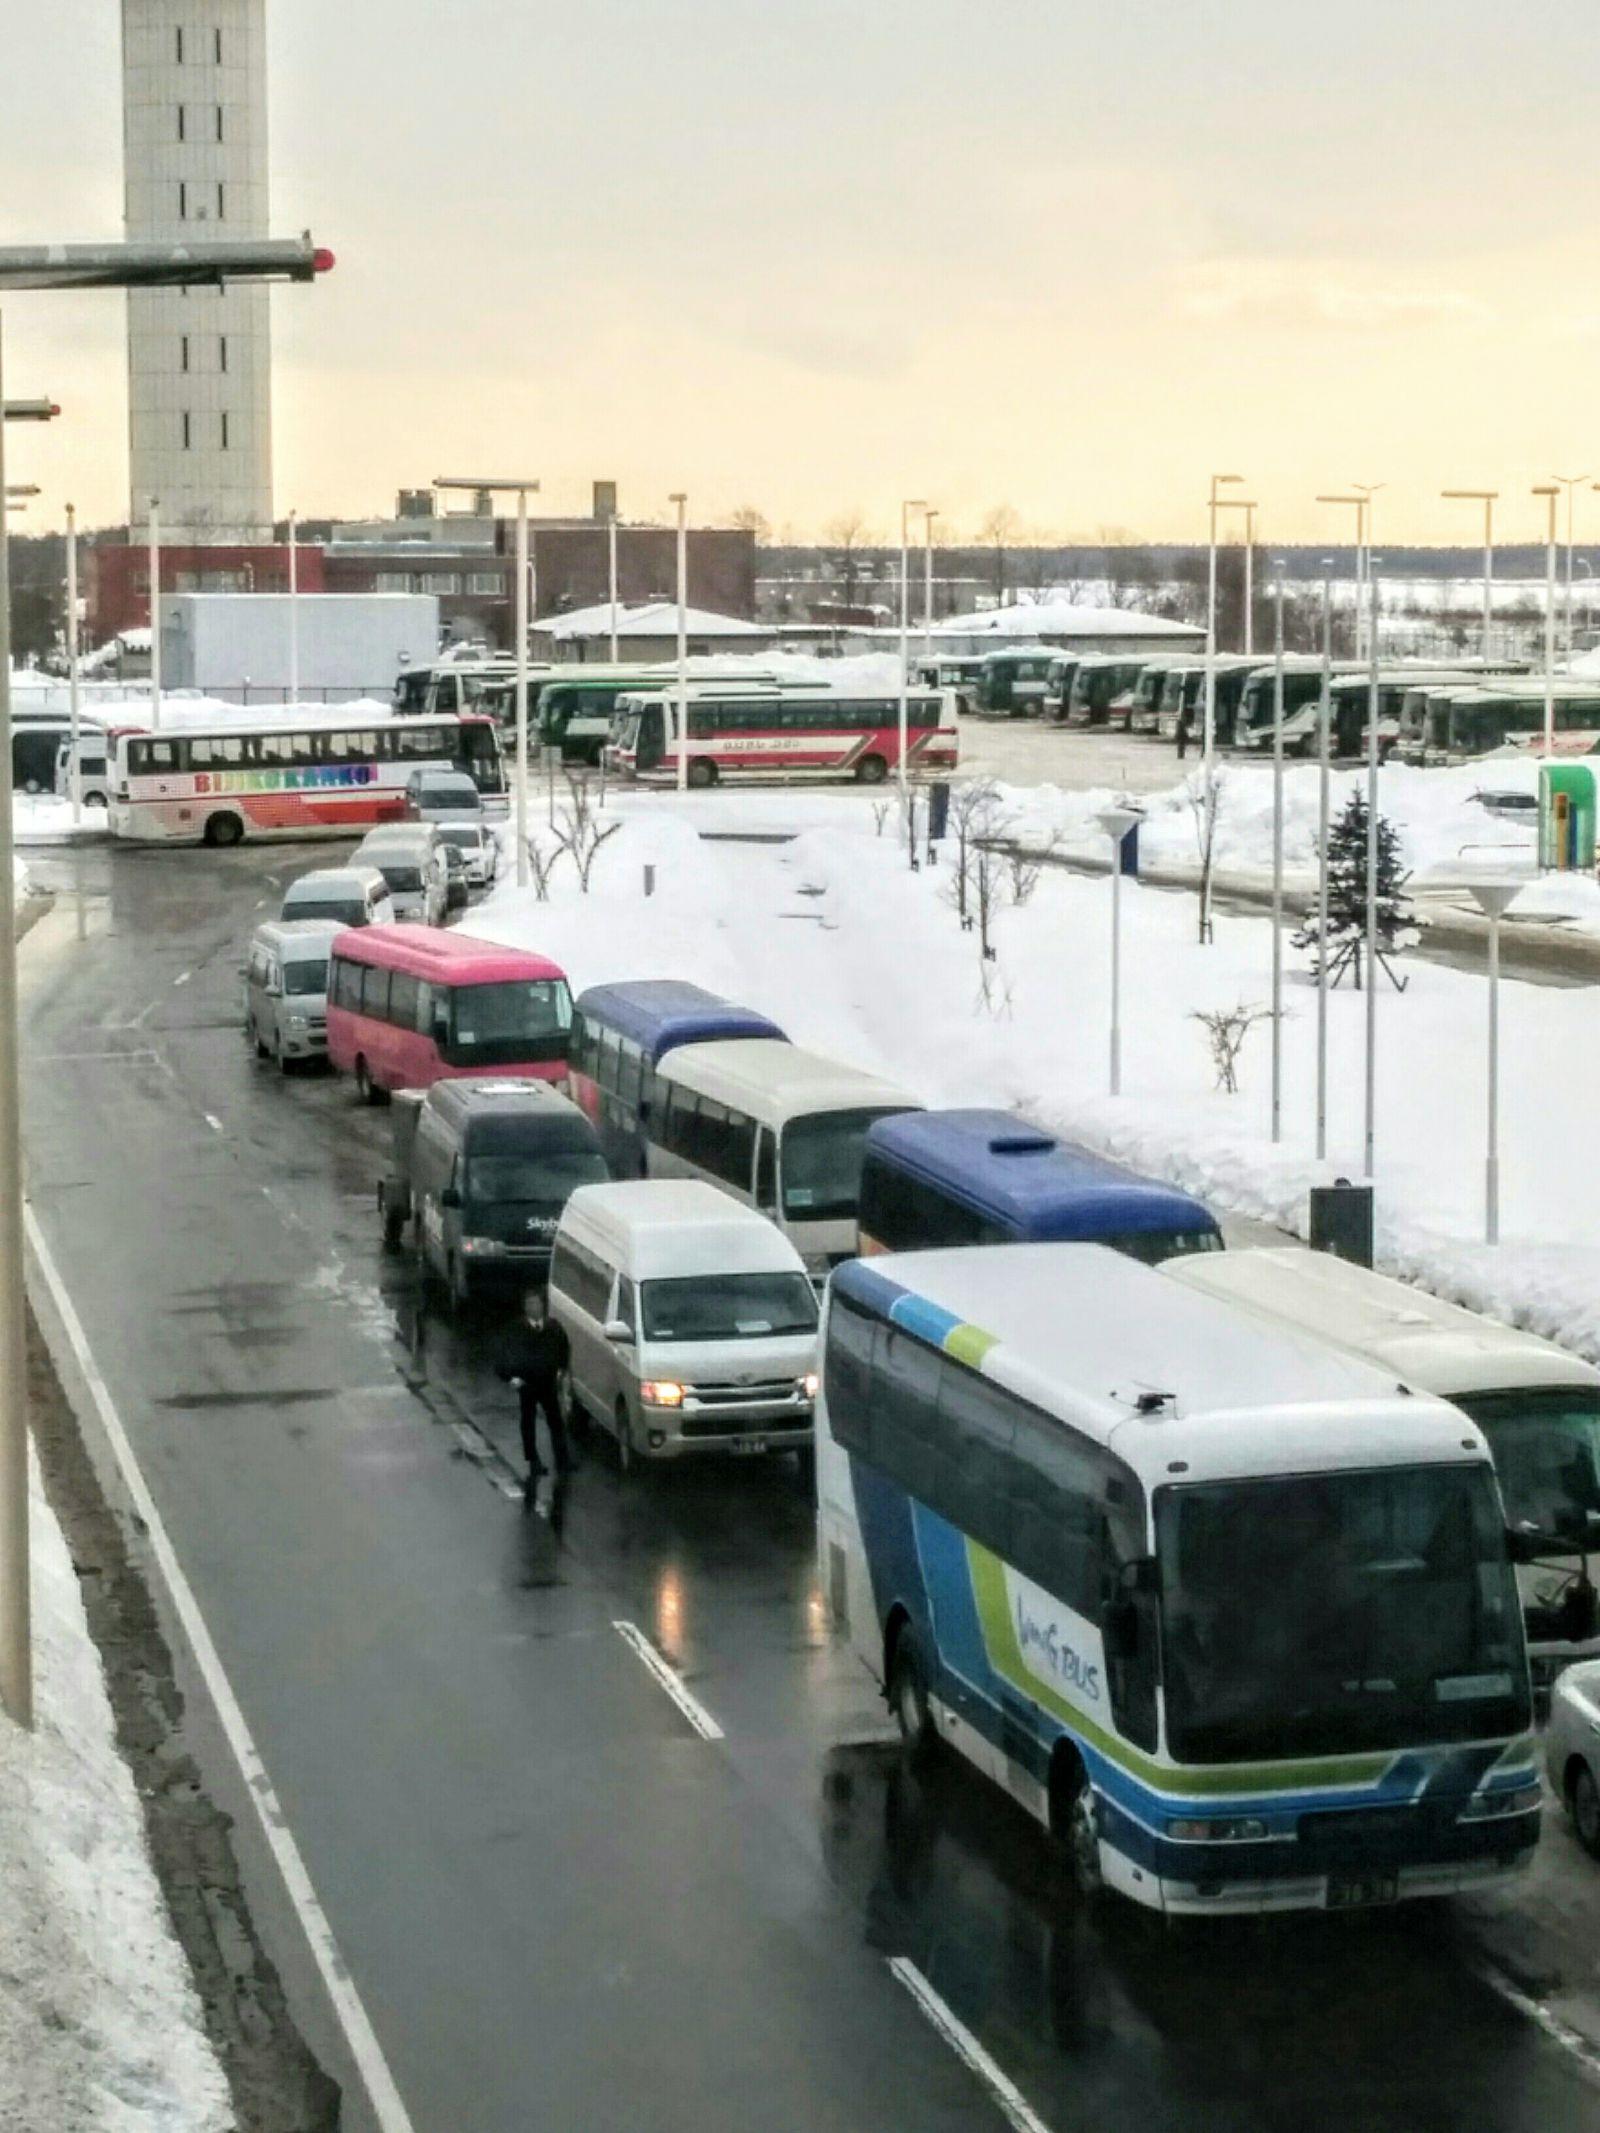 【新千歳空港】冬の国際線ターミナル観光写真です。